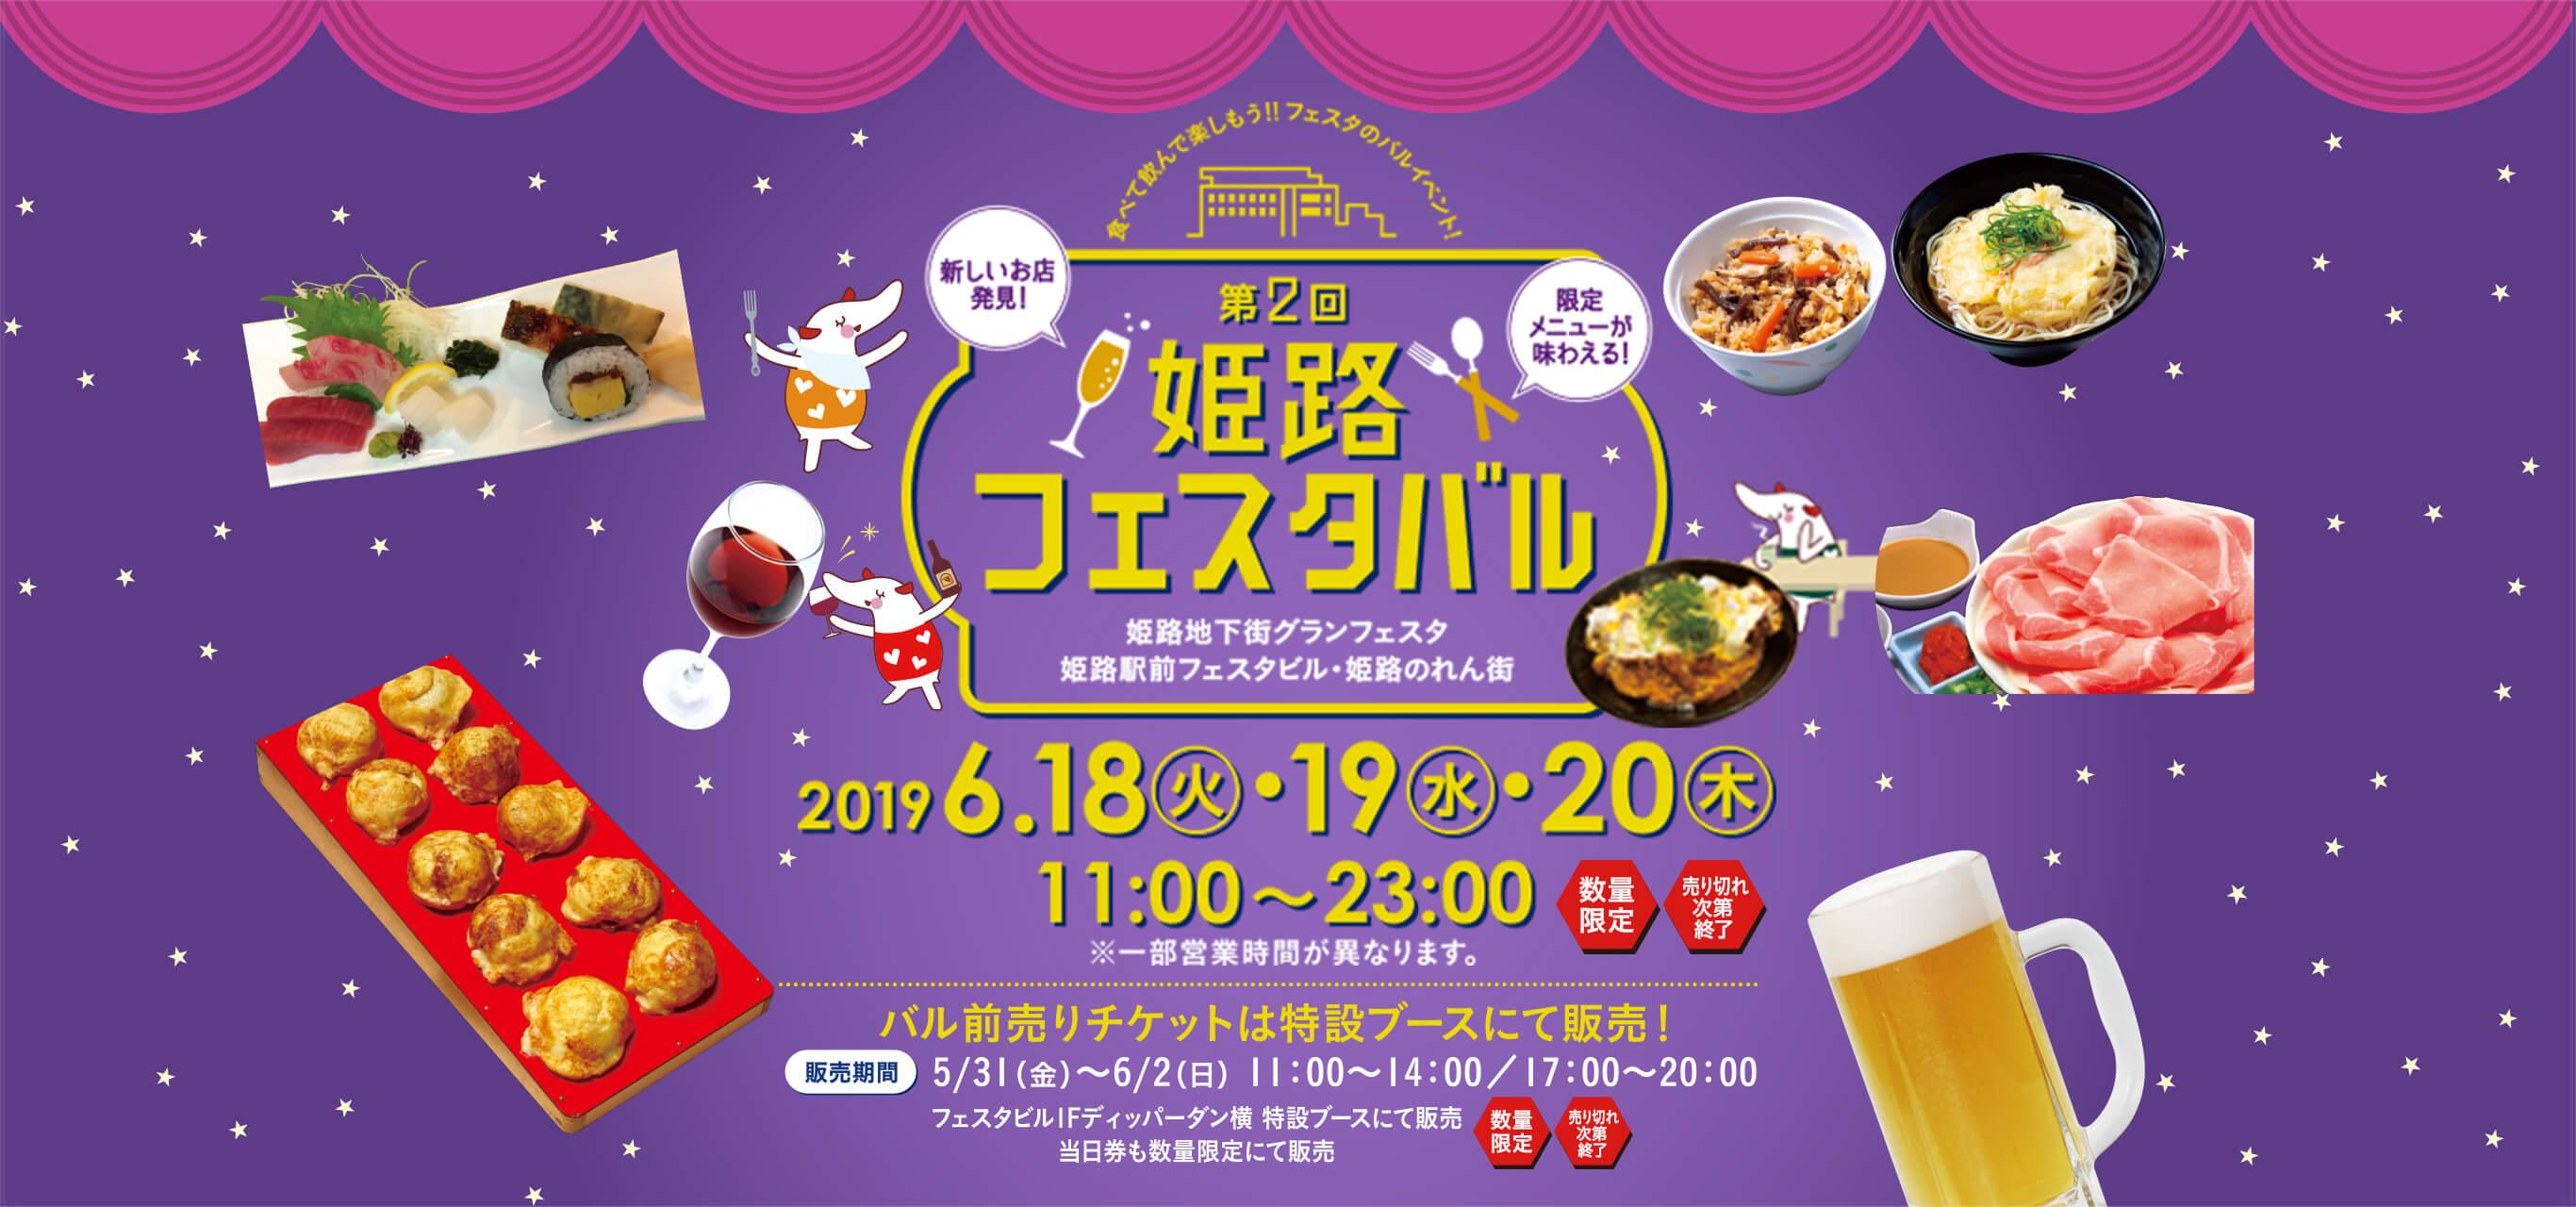 第2回姫路フェスティバル 参加店マップ